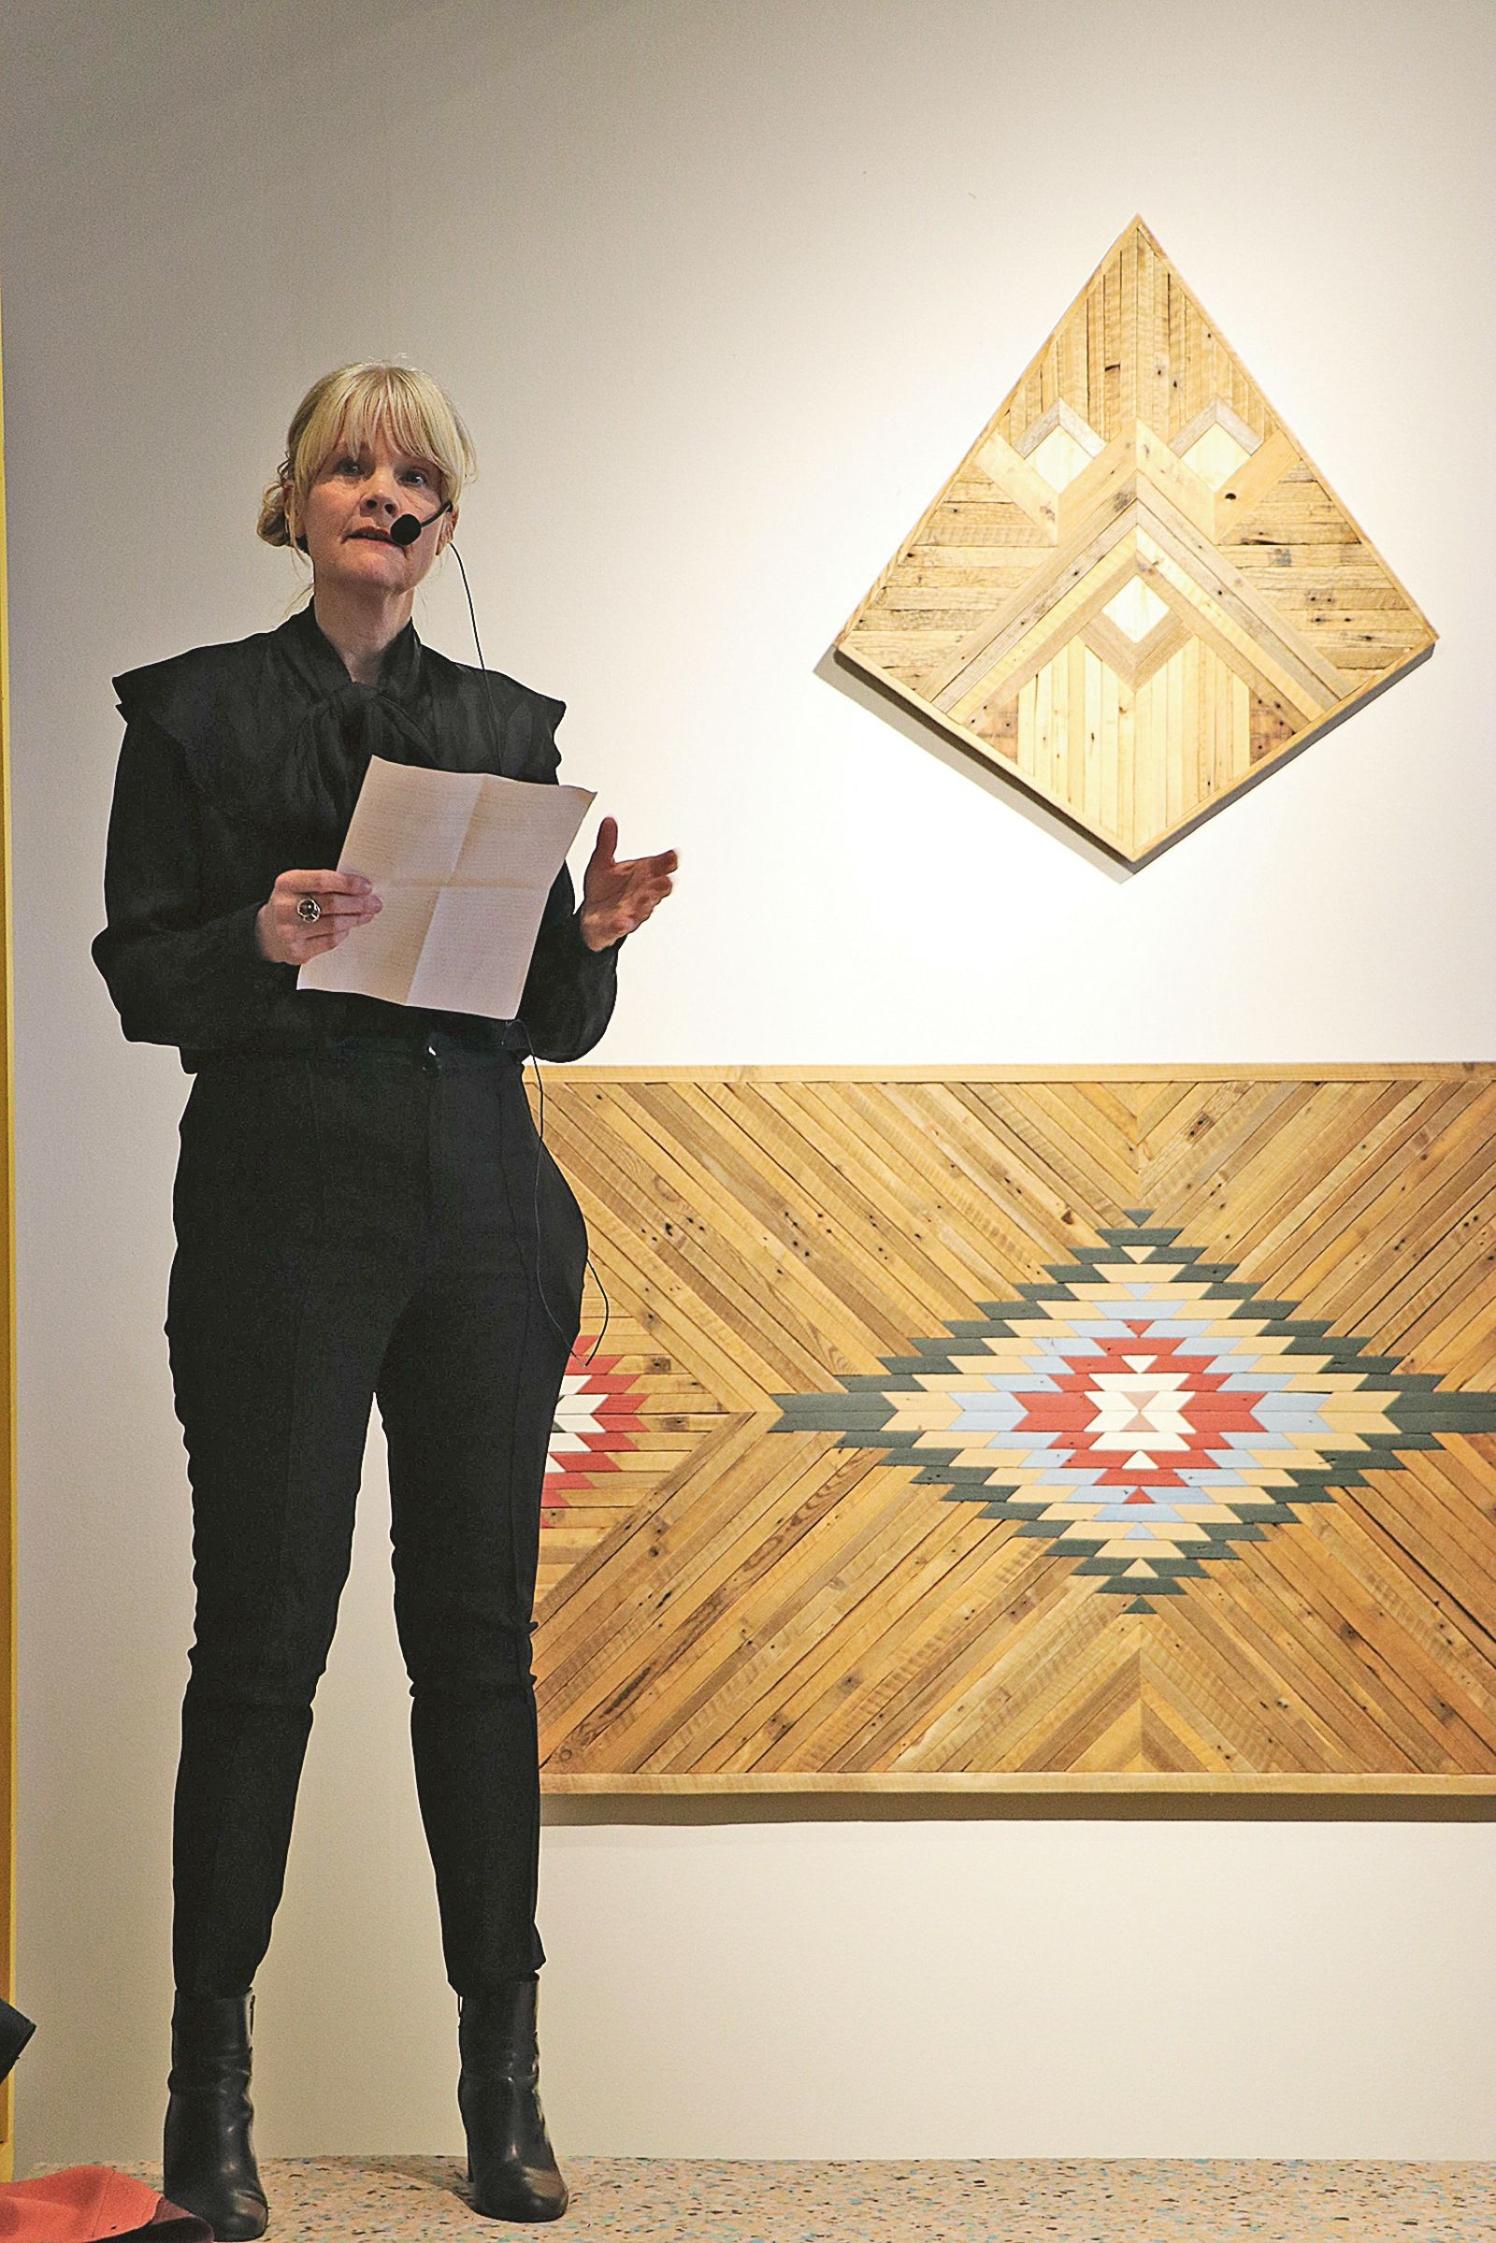 Museichefen Bettina Pehrsson hälsade publiken välkommen till en färgglad utställning.